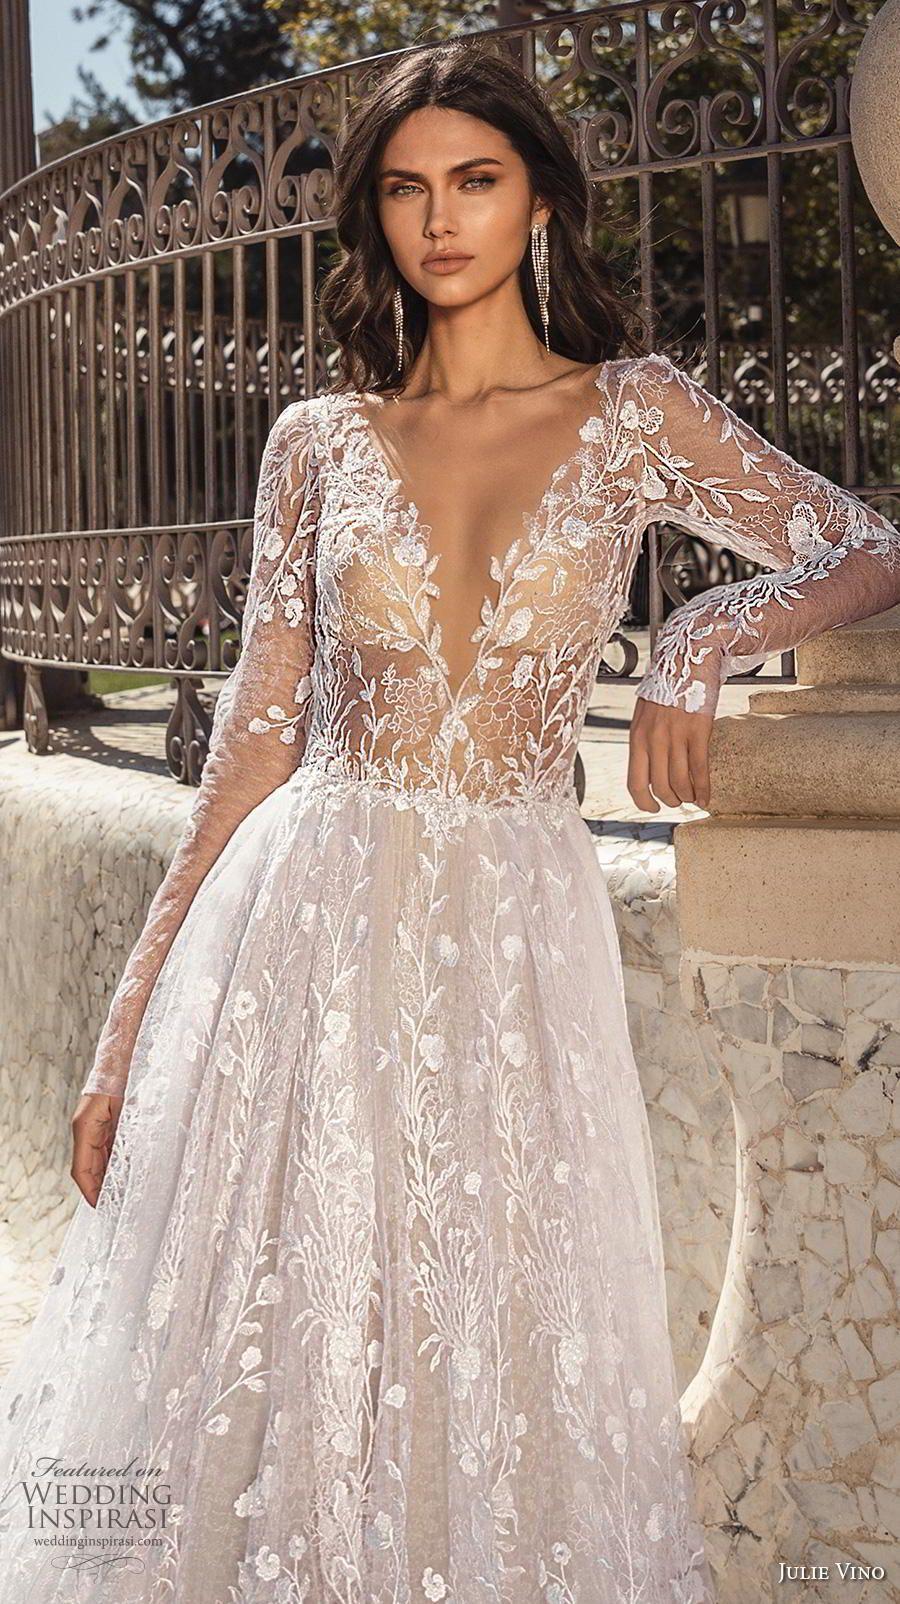 """Julie Vino Spring 2020 Wedding Dresses — """"Barcelona"""